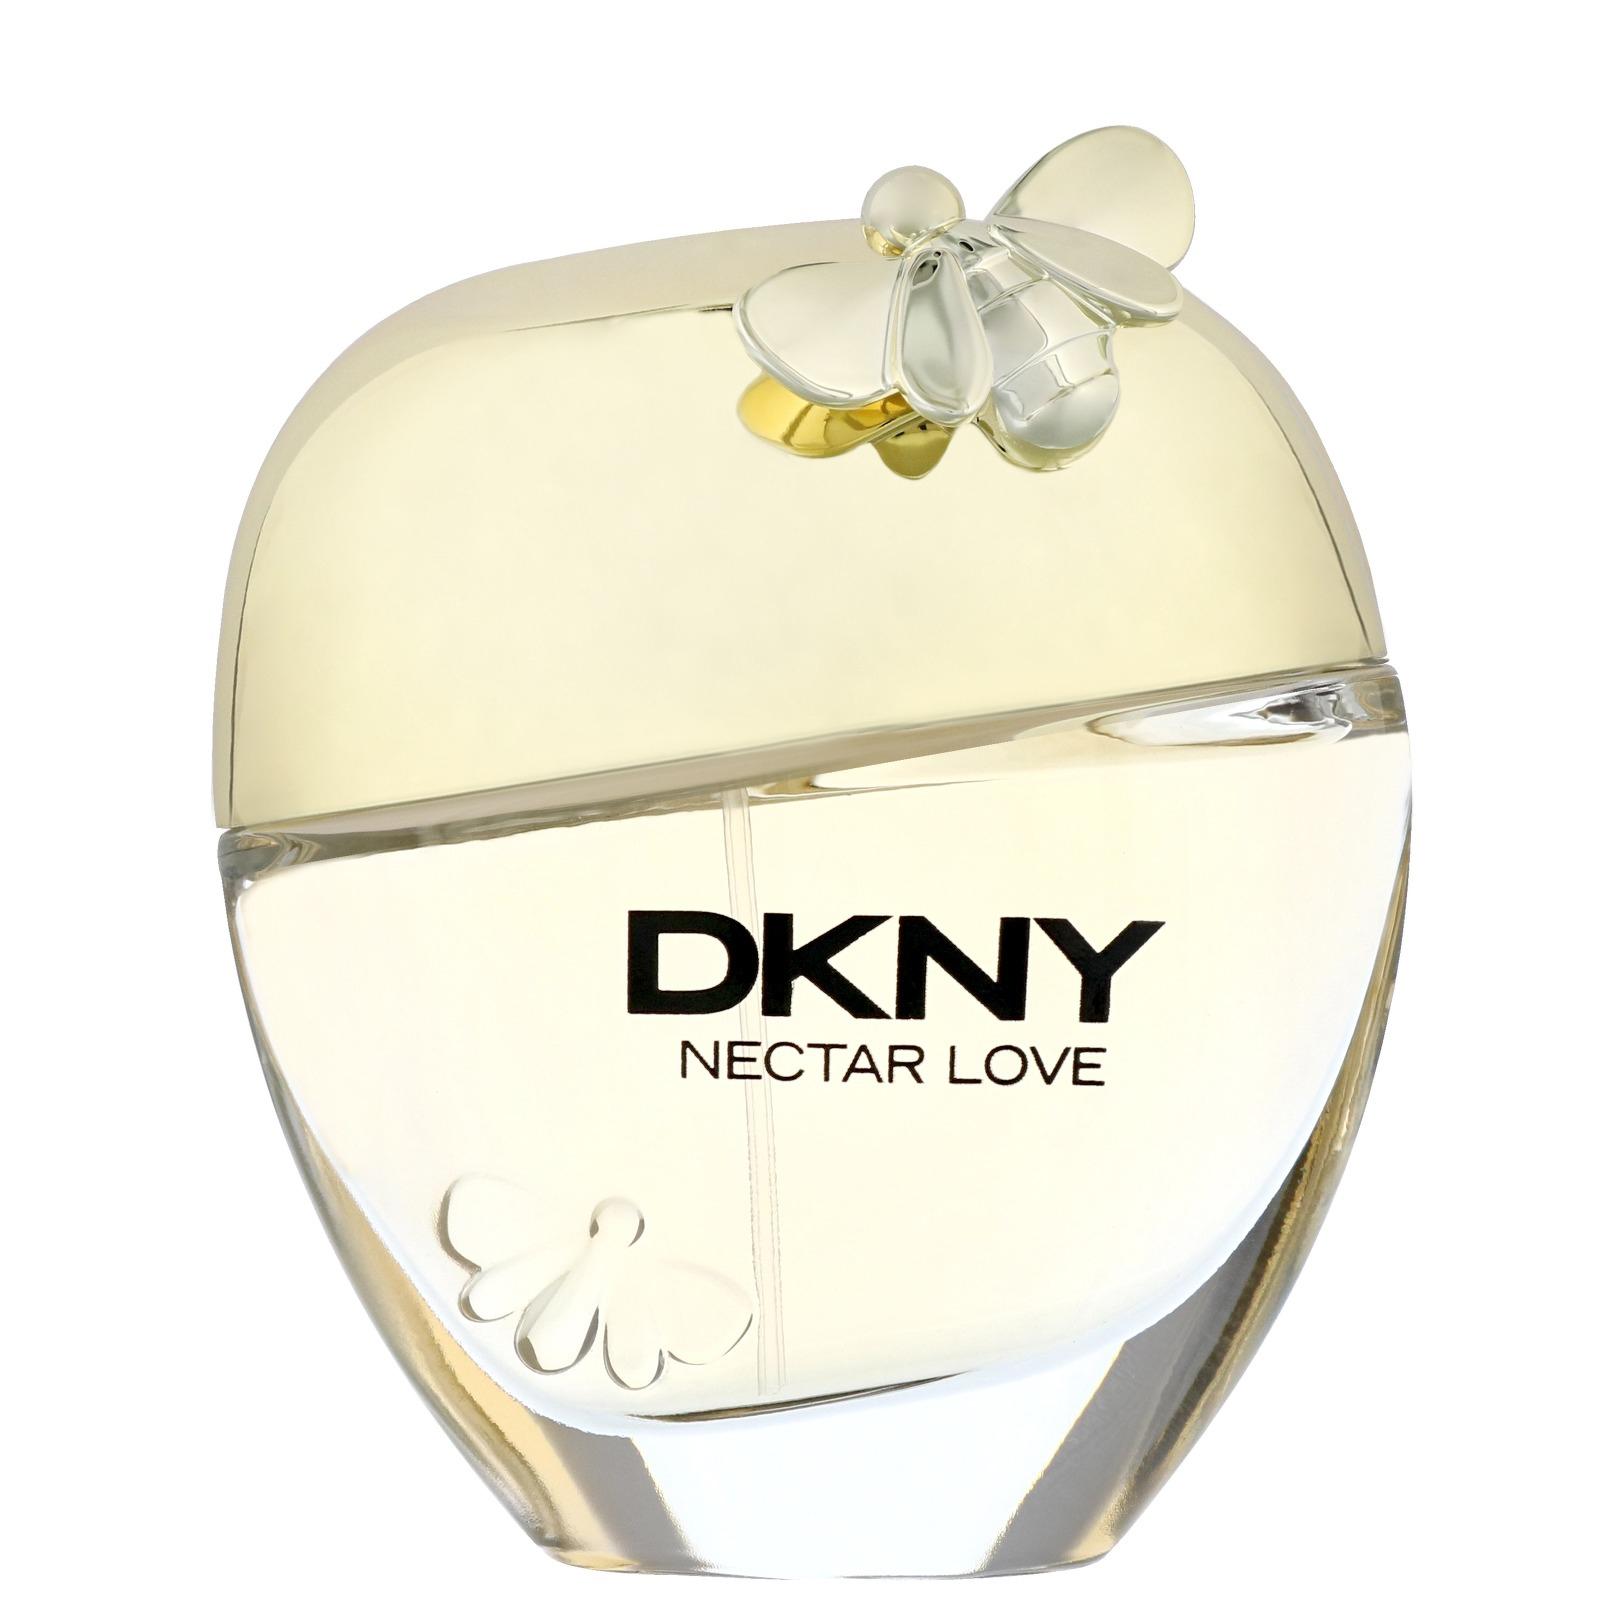 DKNY Nectar Love Eau de Parfum Spray 50ml £23.40 delivered @ All Beauty